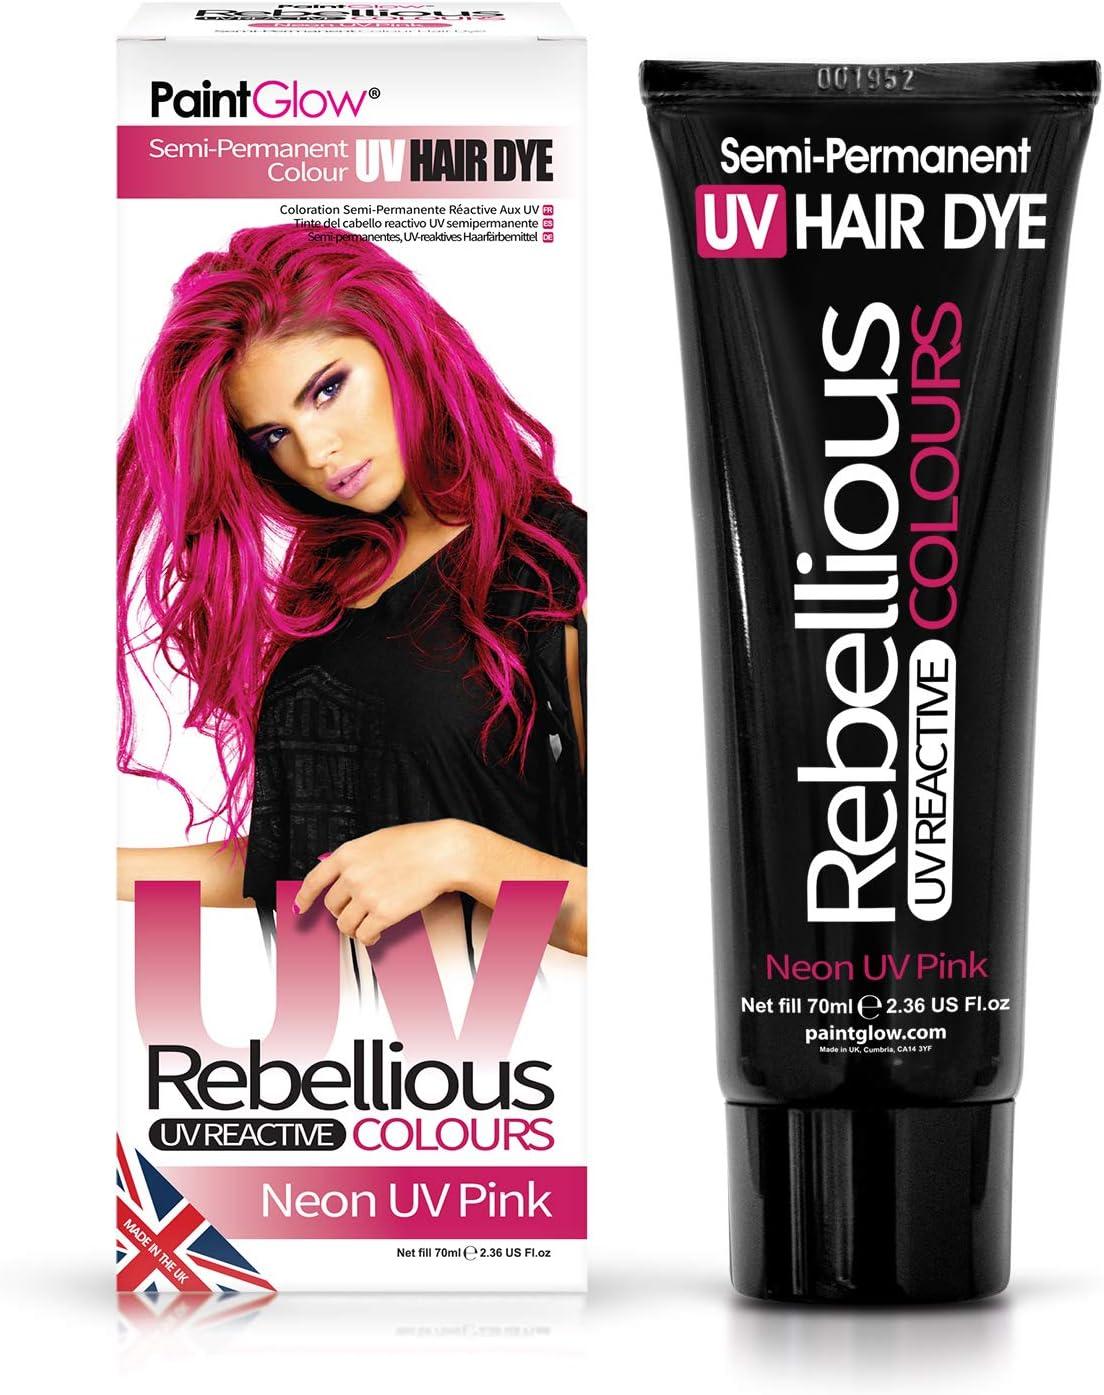 Neon UV Pink, tinte para el cabello semipermanente - Colores rebeldes